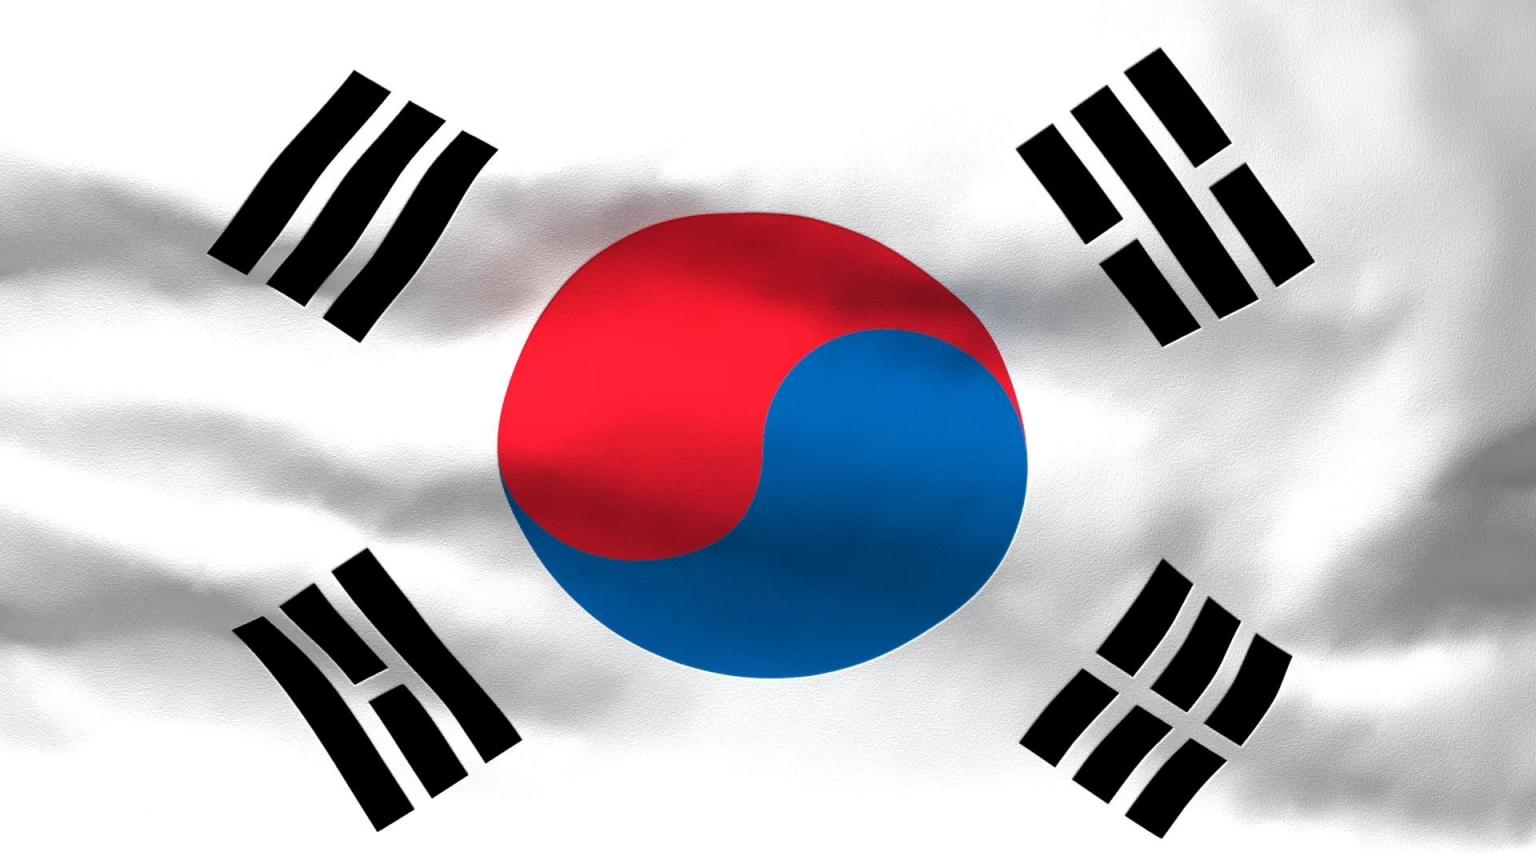 мешает корея флаг фото итог, если попытаться